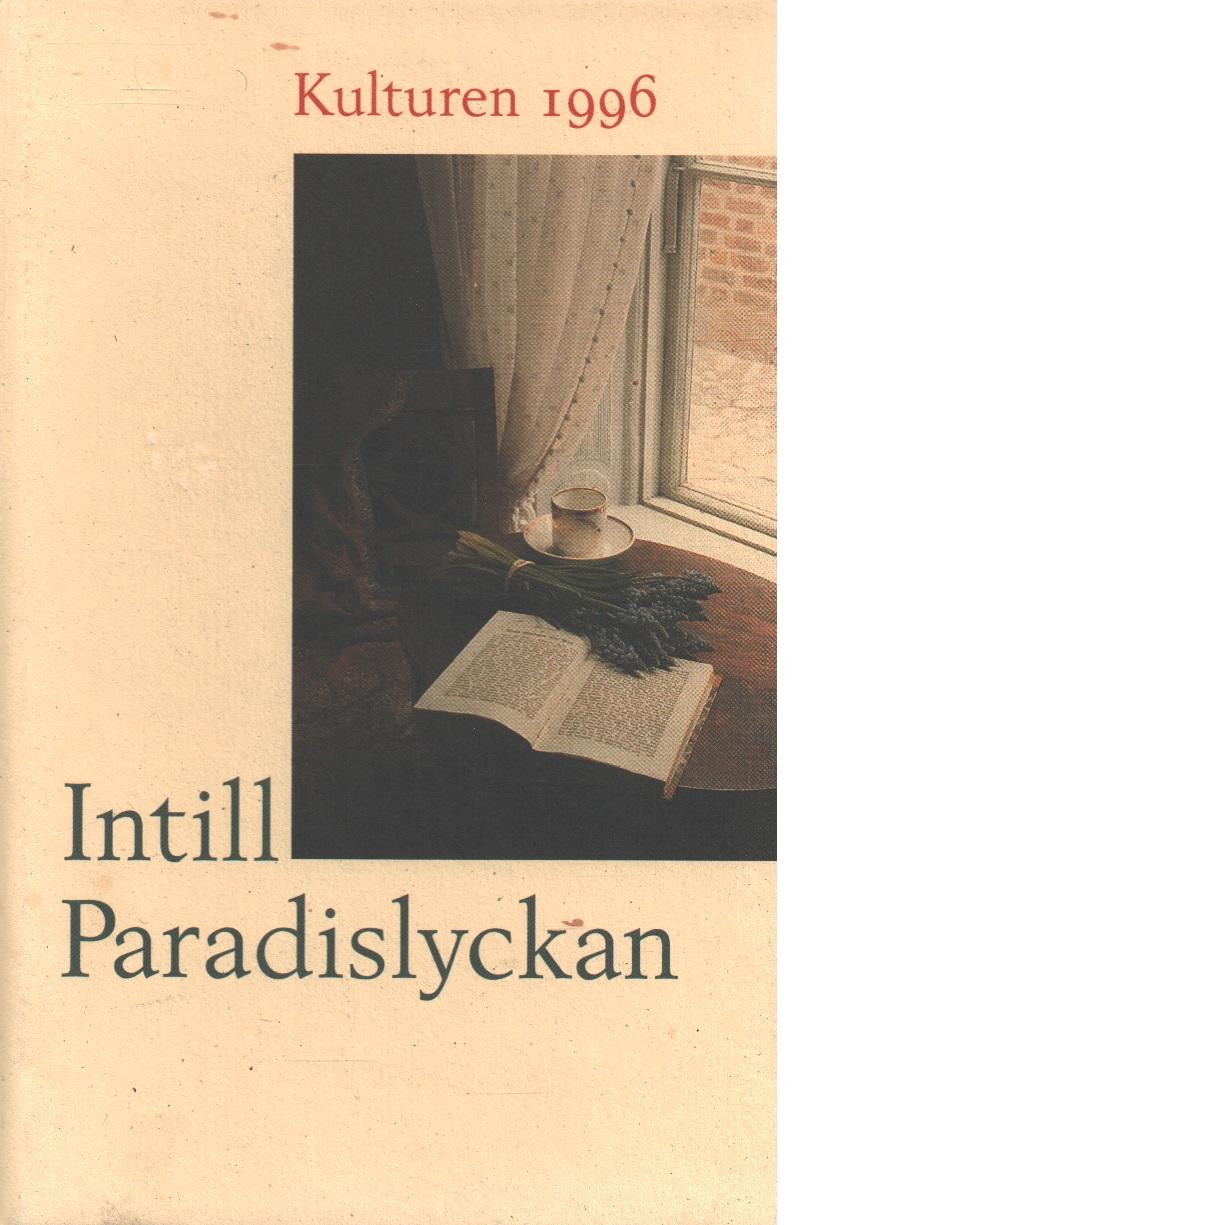 Kulturen 1996 - Red